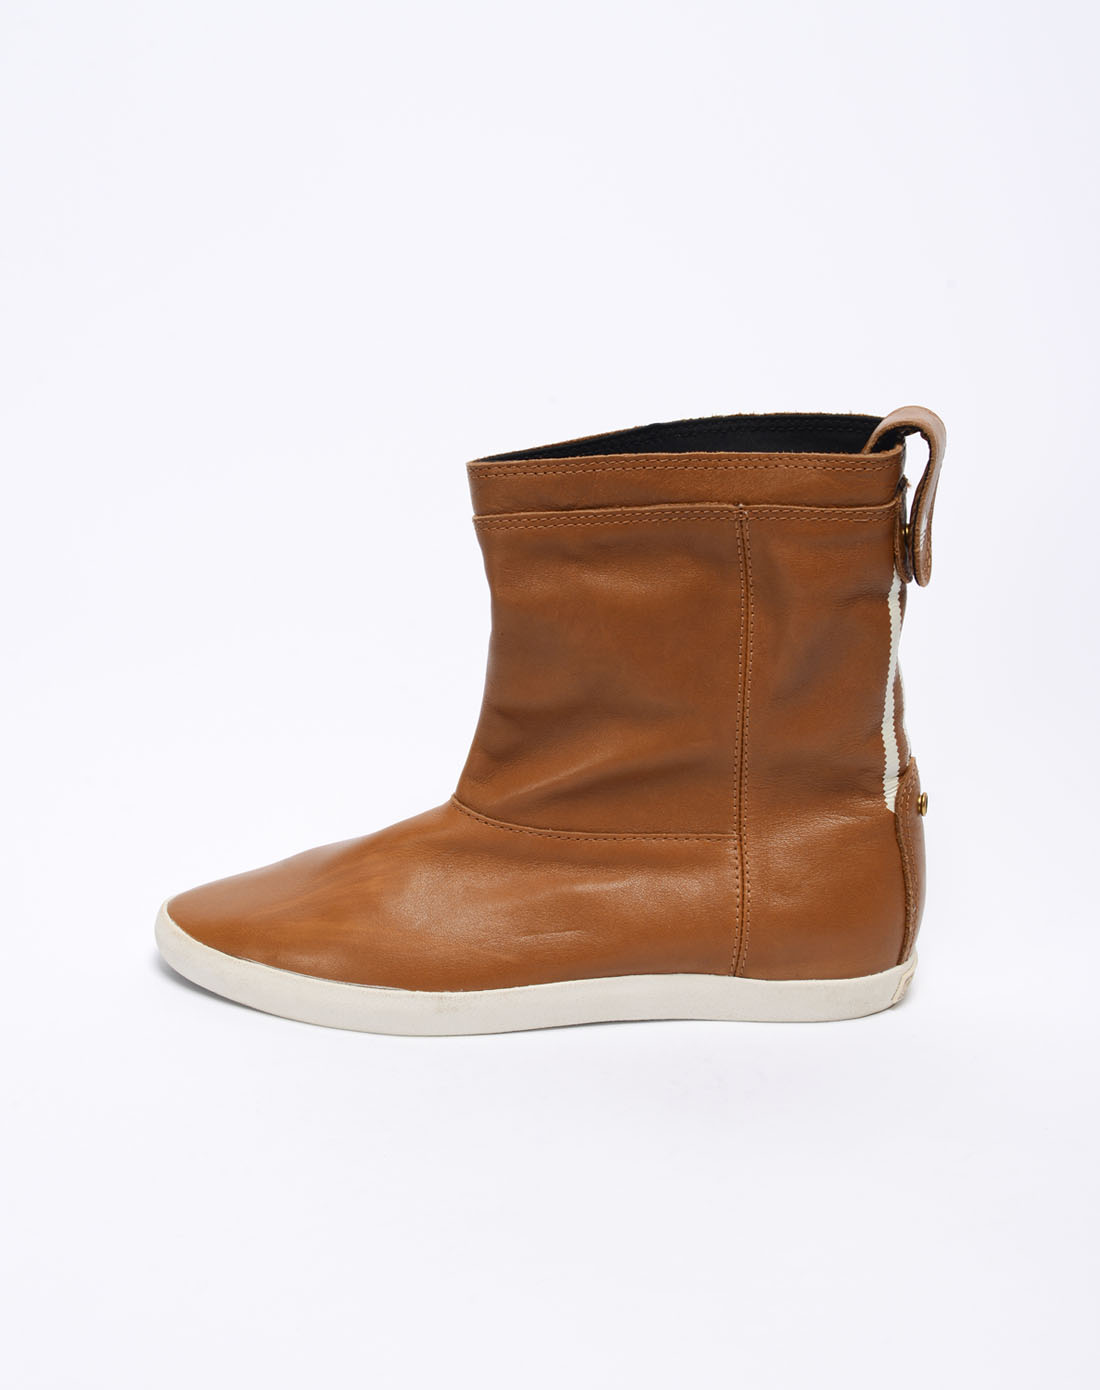 子棕色短靴v24162